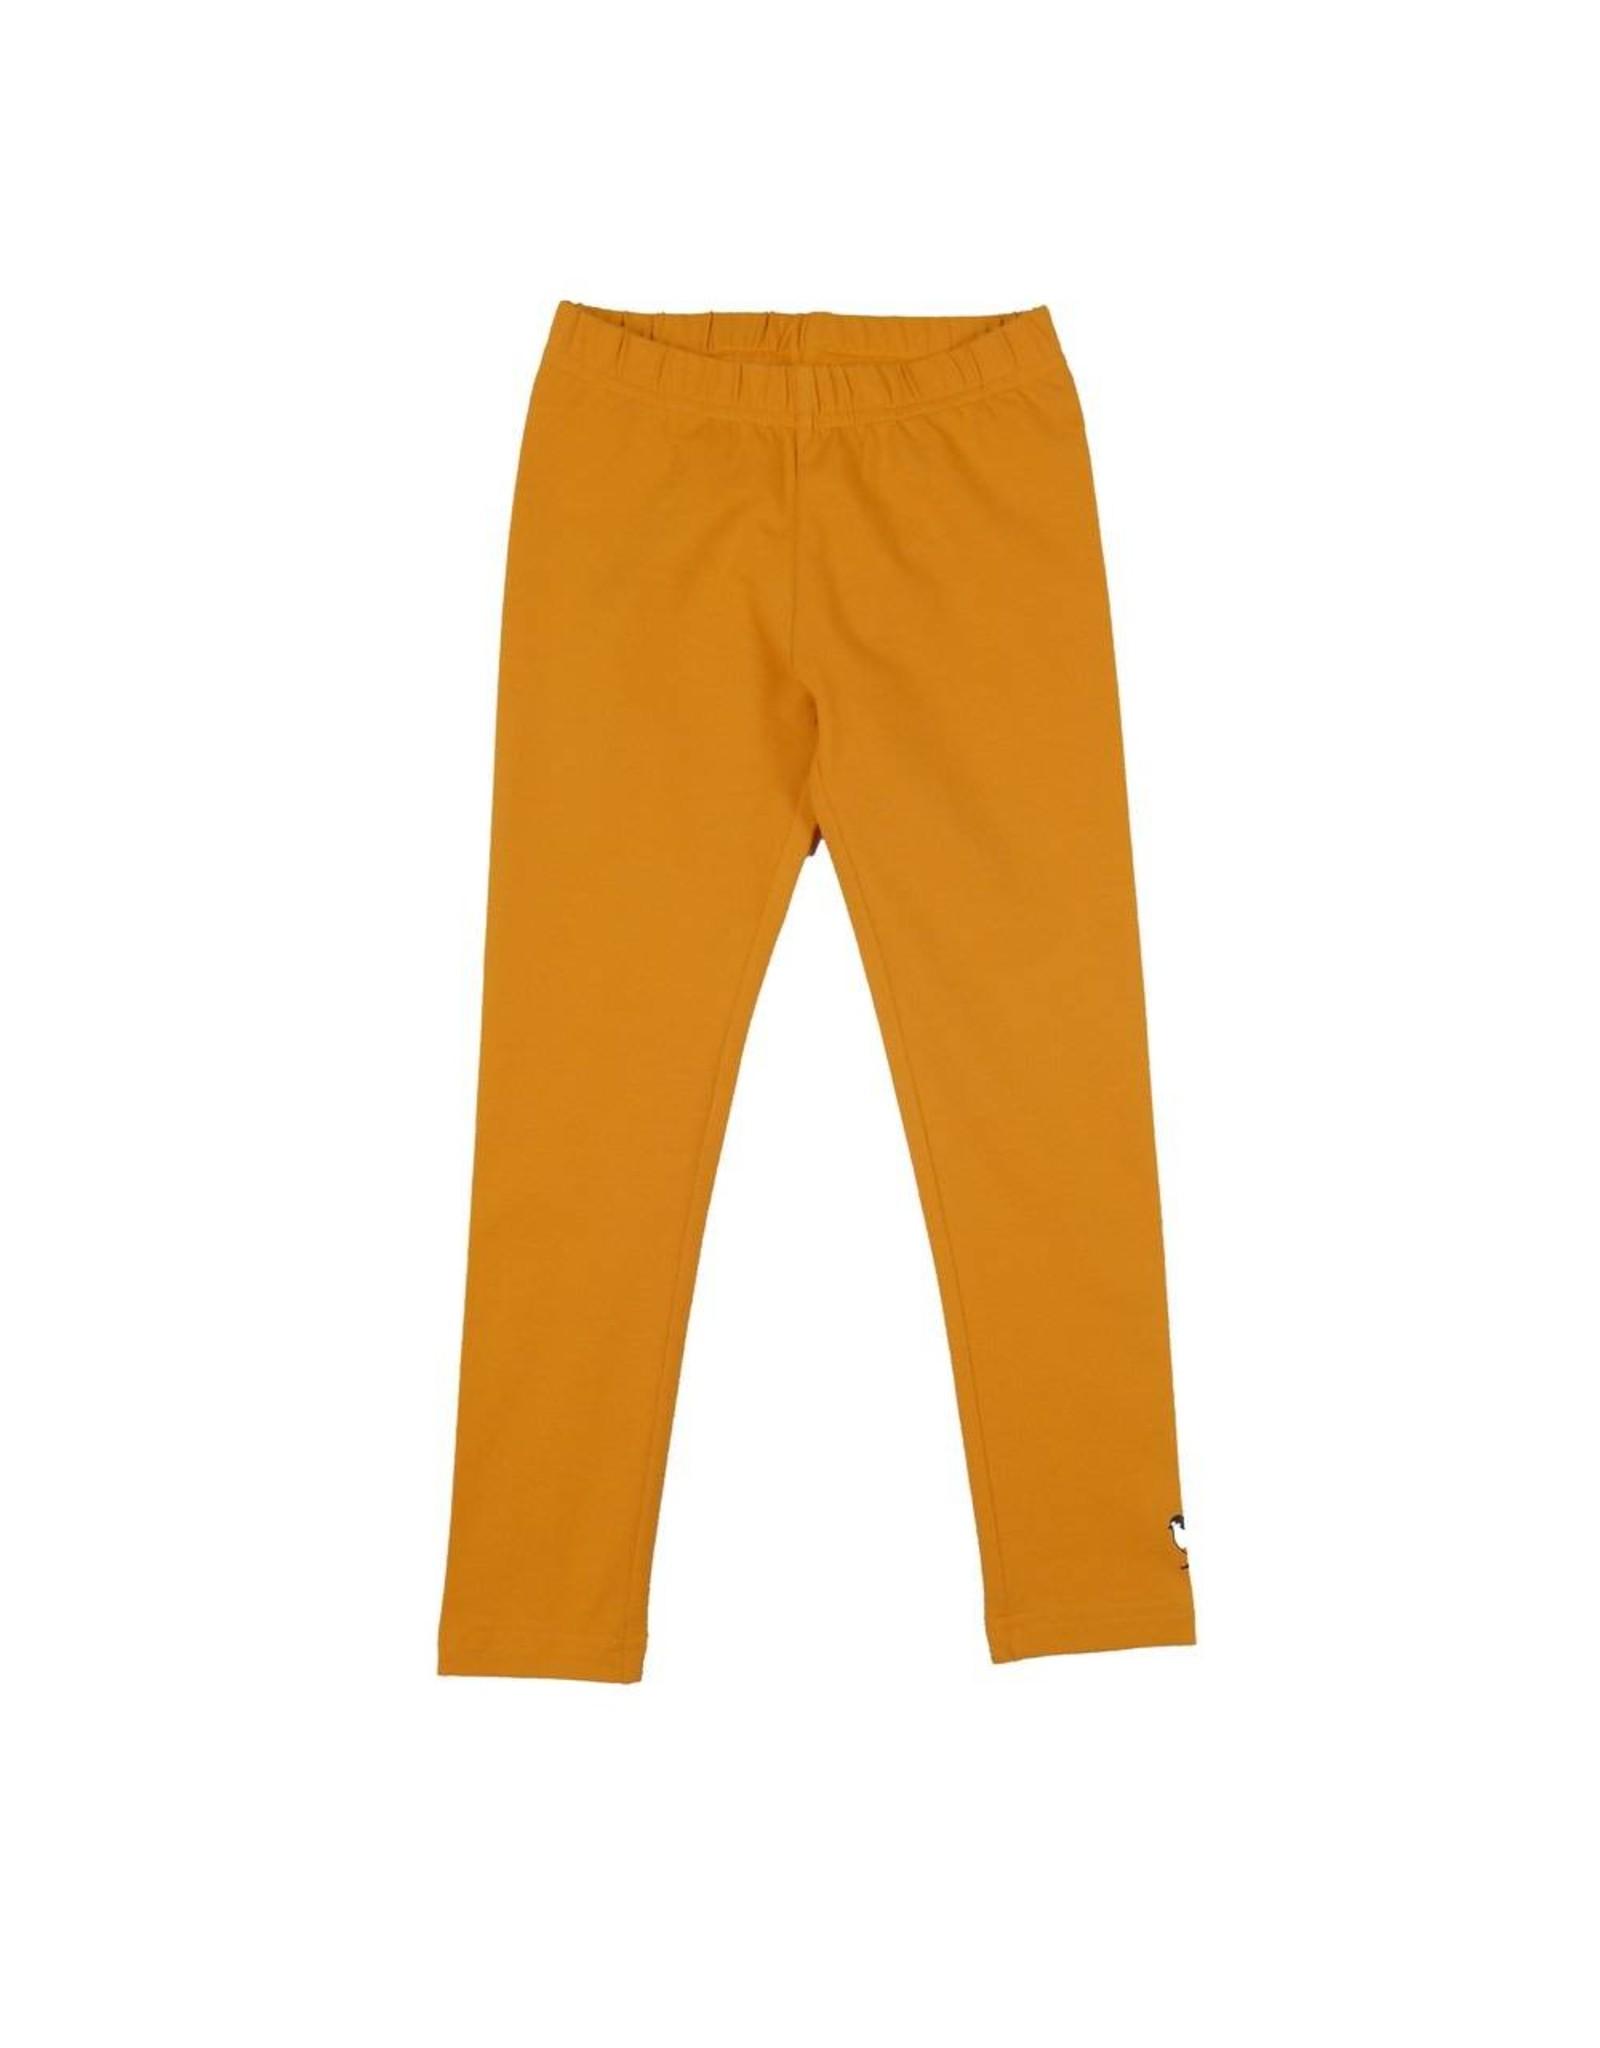 Lovestation22 Lovestation22 meisjes legging Soft Orange